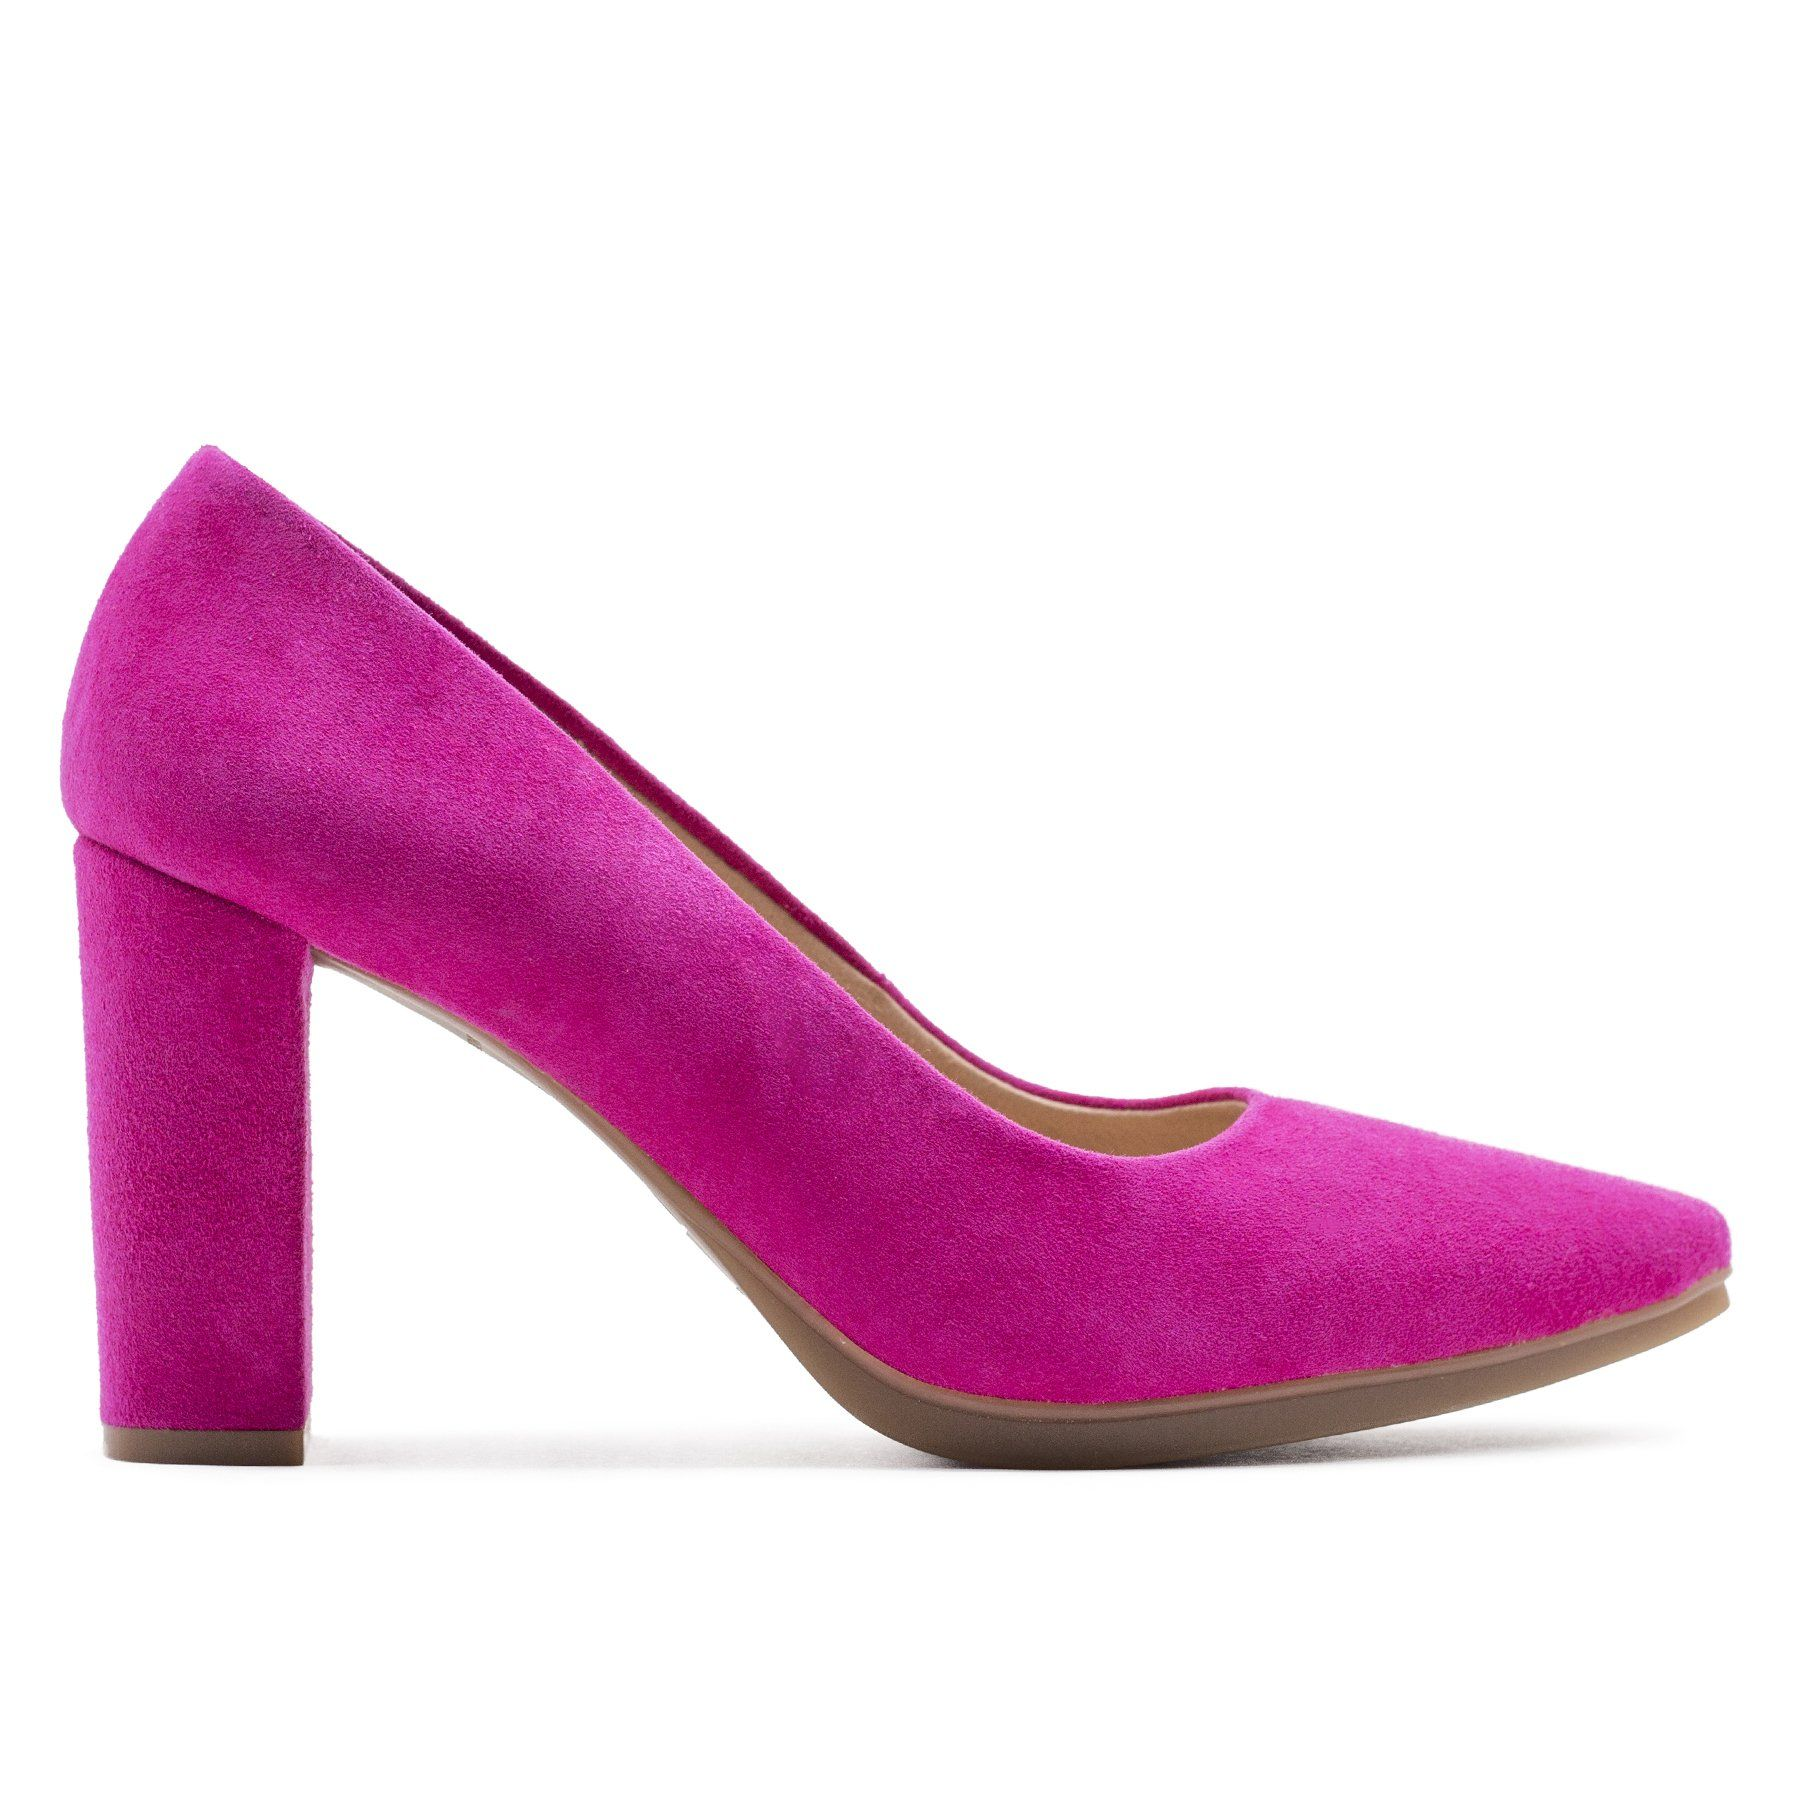 Piel Mimao Tacón Urban Fucsia Zapato Zapatos Online De Tienda YHED29IW